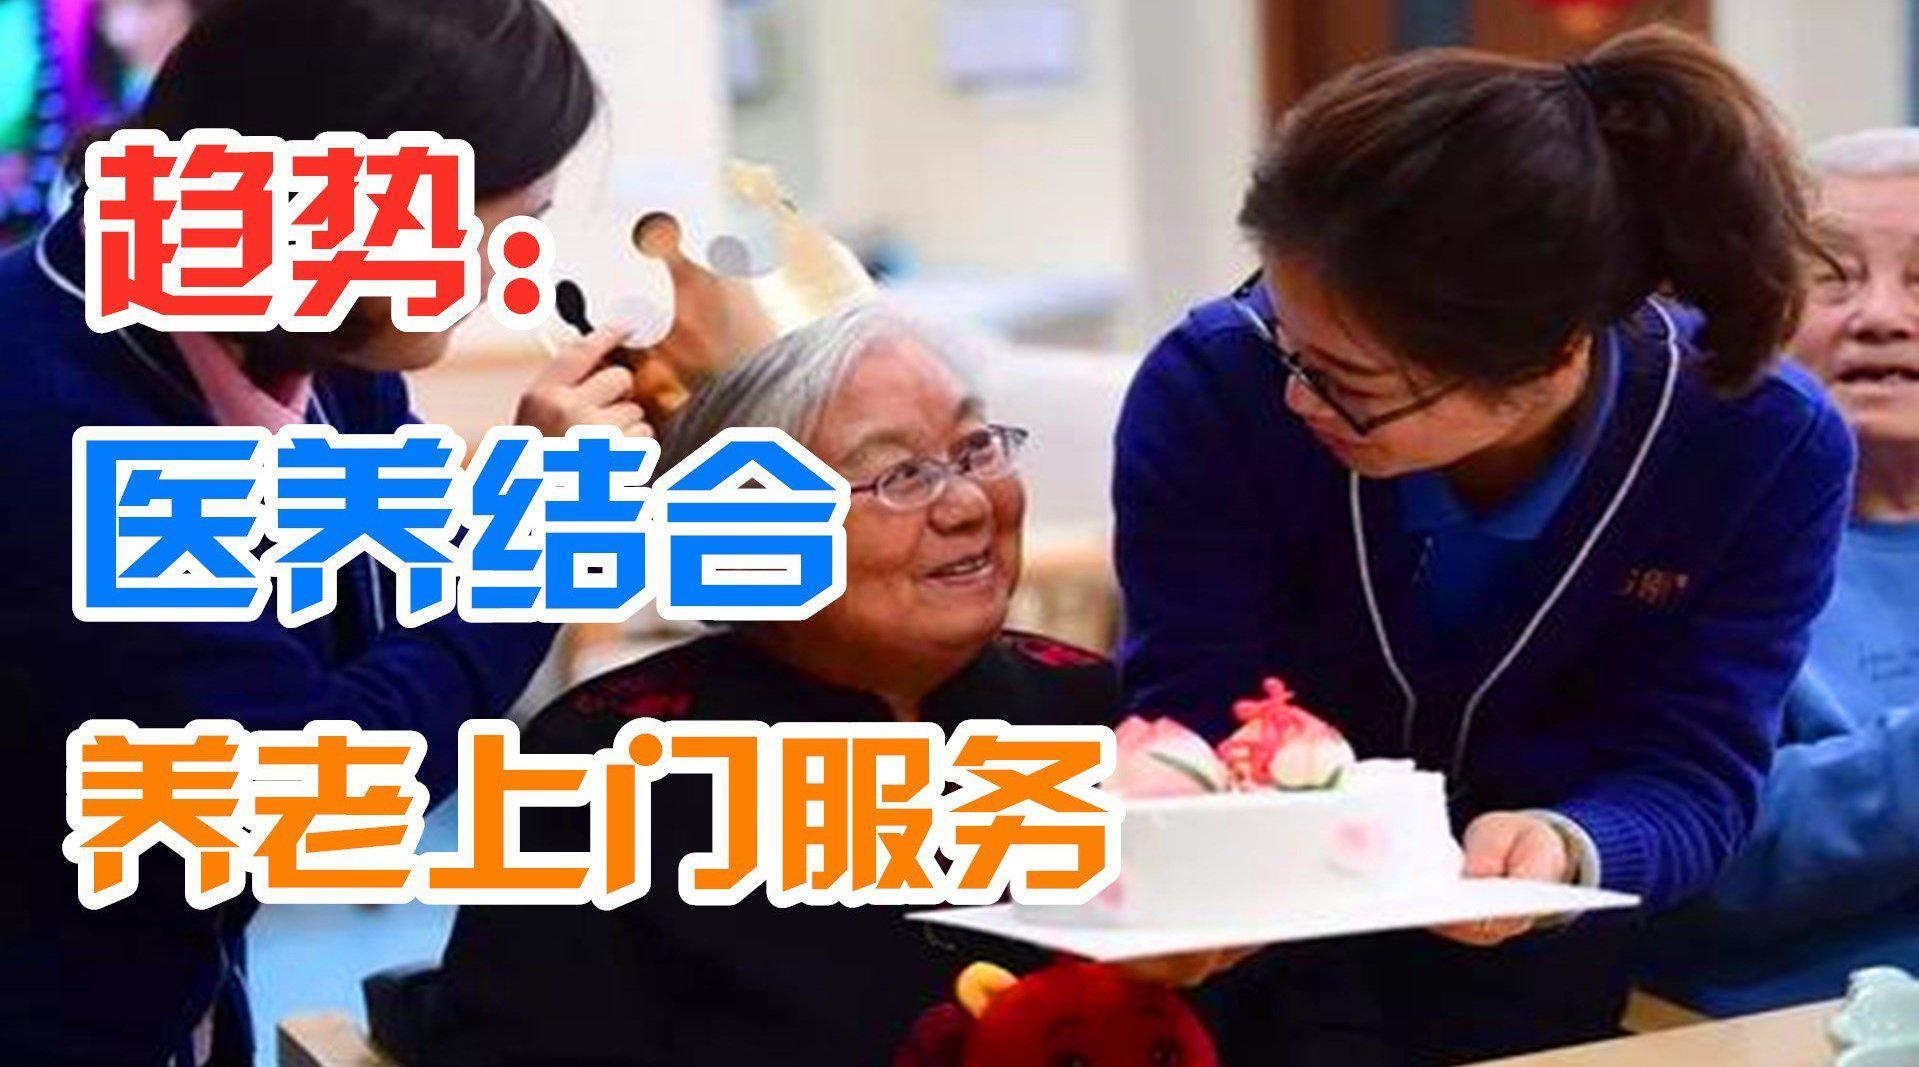 独生子女家庭好消息!为解决养老问题,国家给出相关支持!